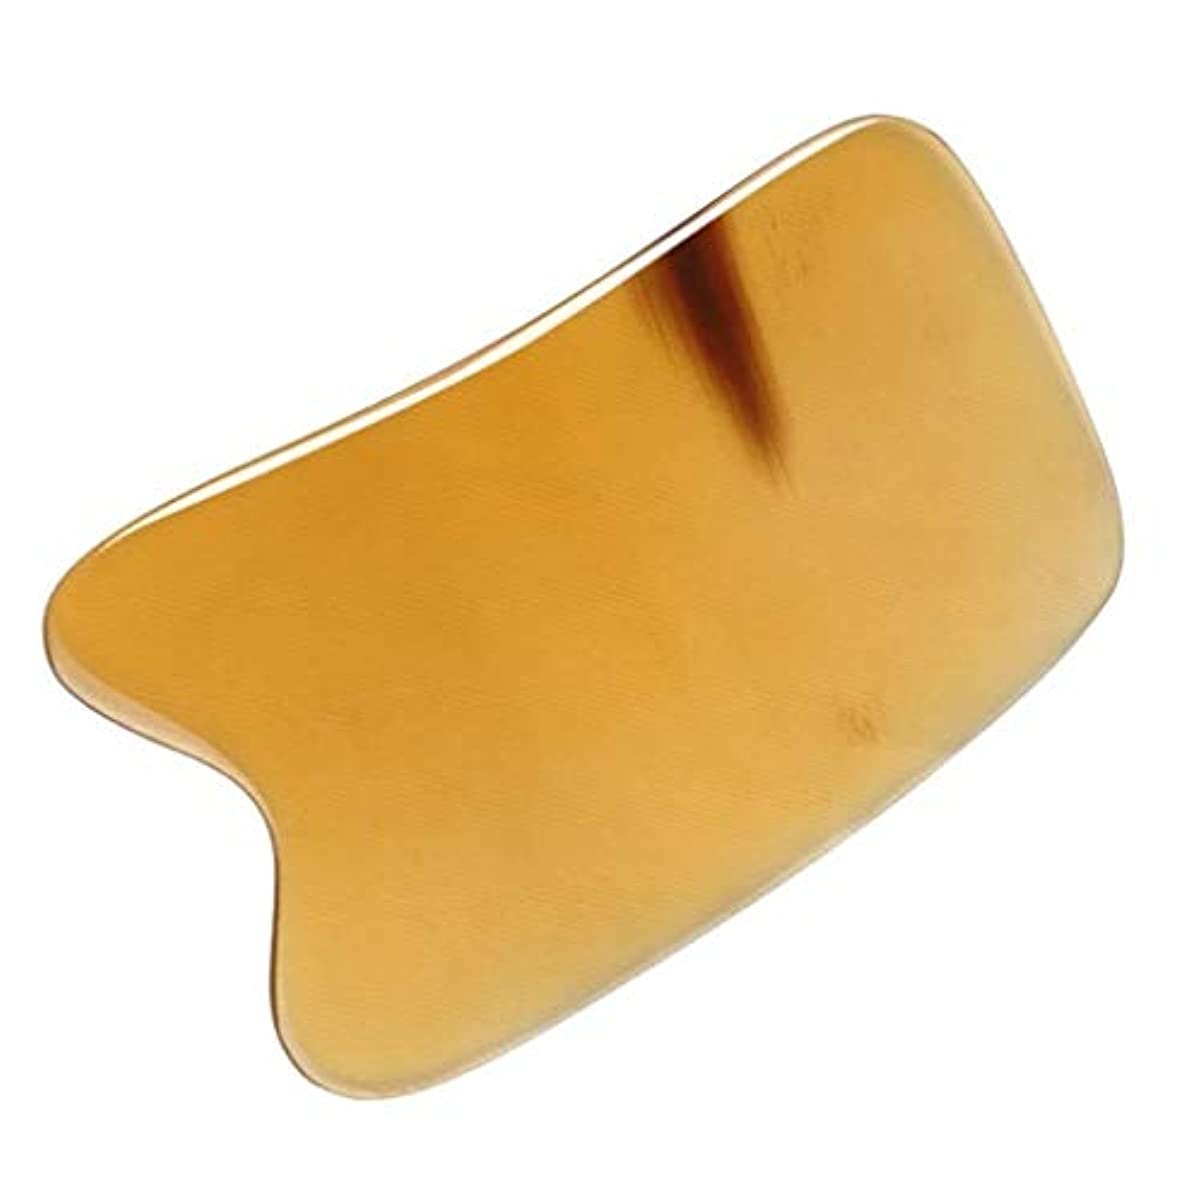 尋ねる夕暮れ単調なIASTMグラストン理学療法ツール-最高品質のハンドメイドバッファローホーングアシャボード-首と筋肉の痛みを軽減 (Size : 5mm)